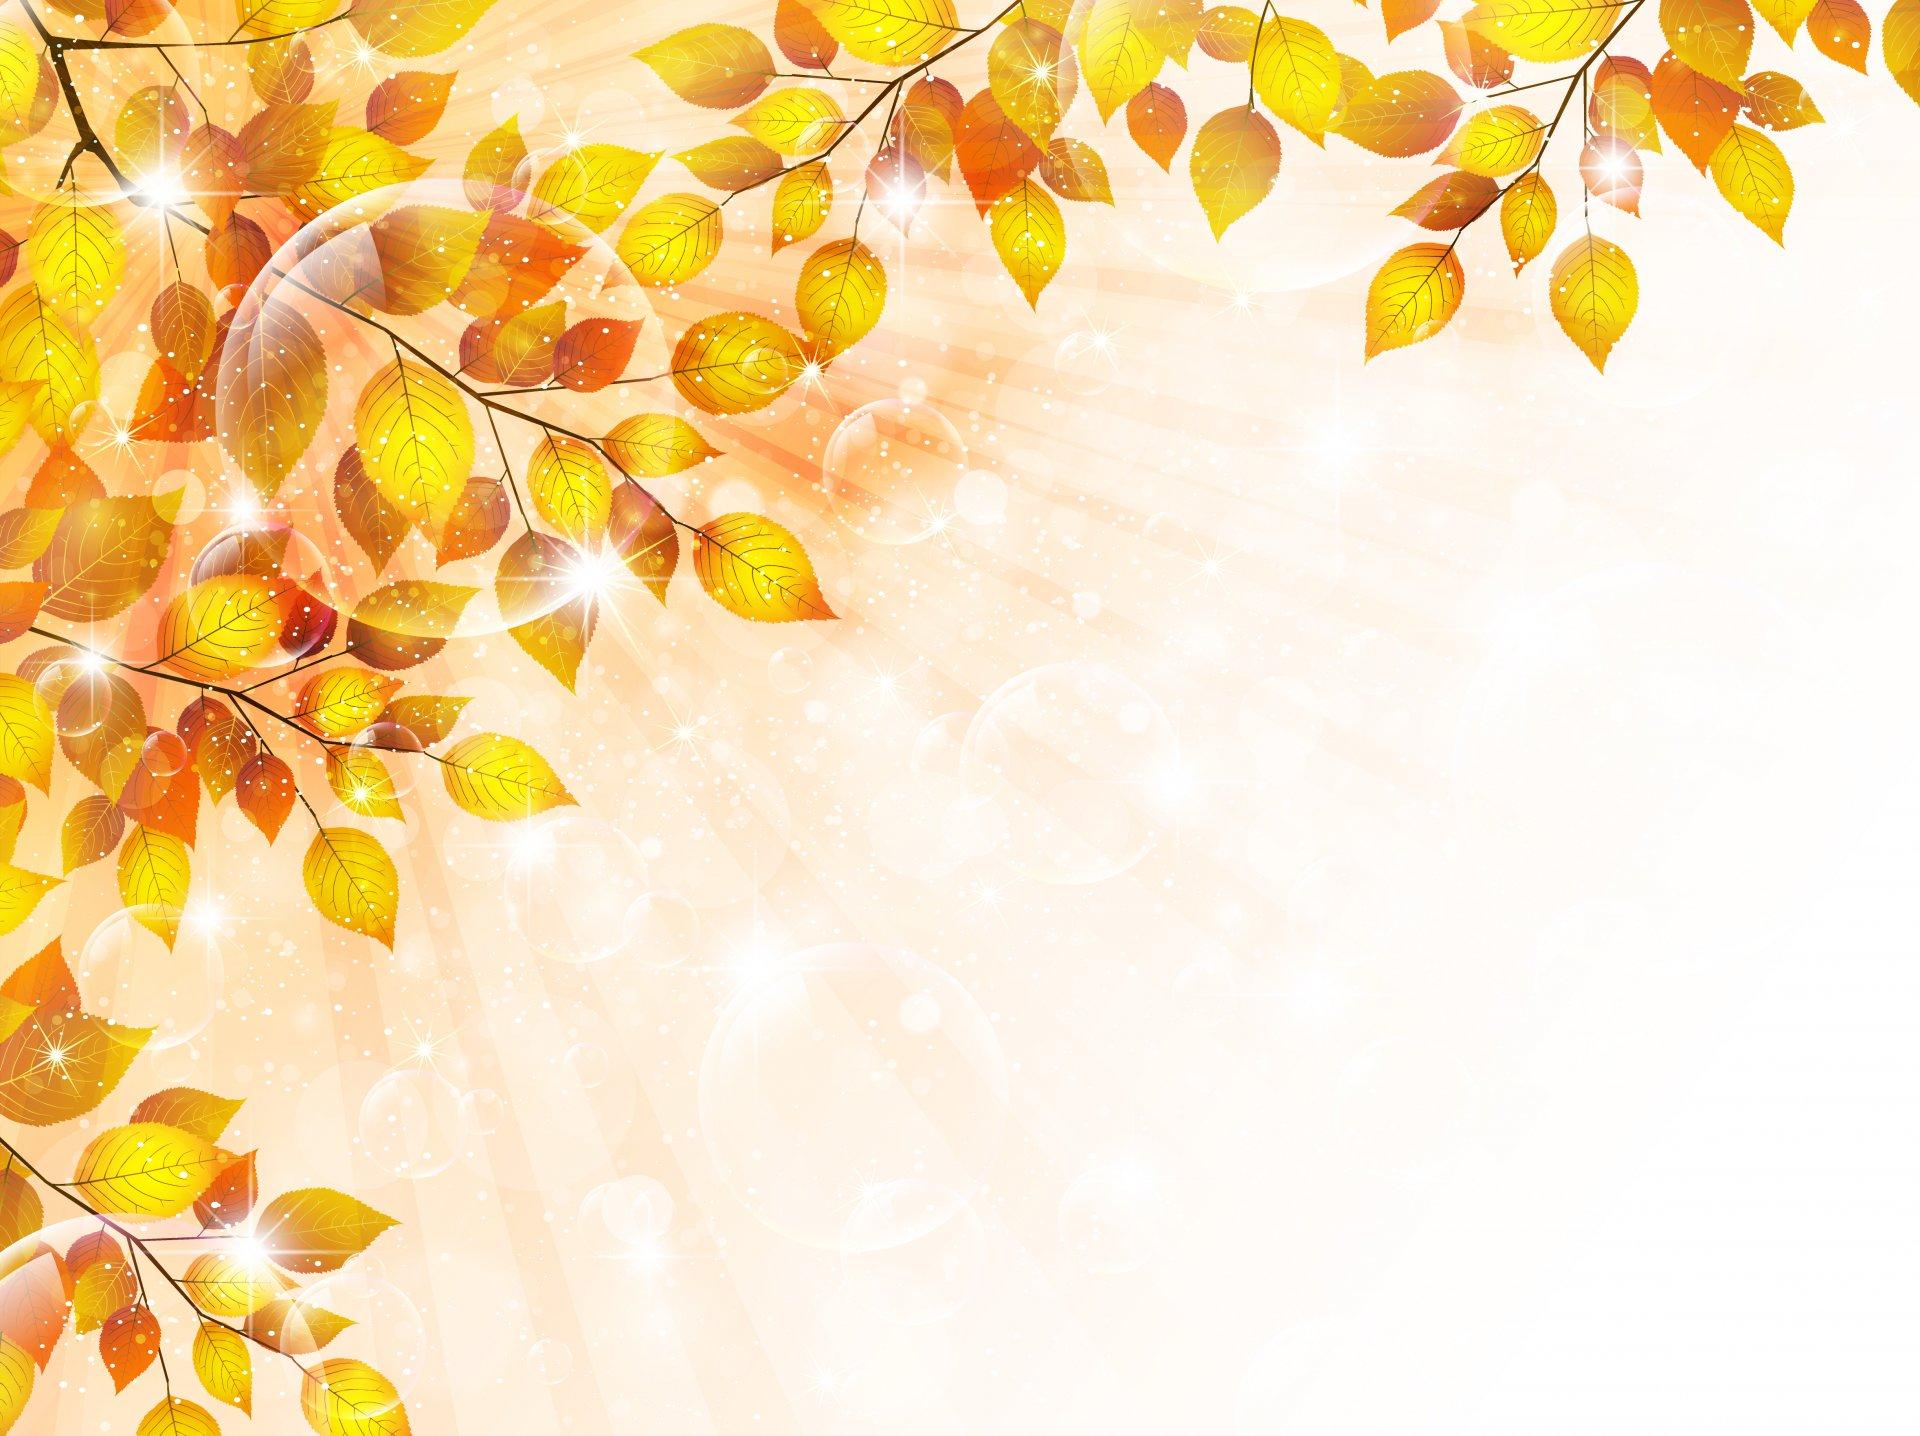 осенние листья картинки для оформления презентации фонтанчики, водопады